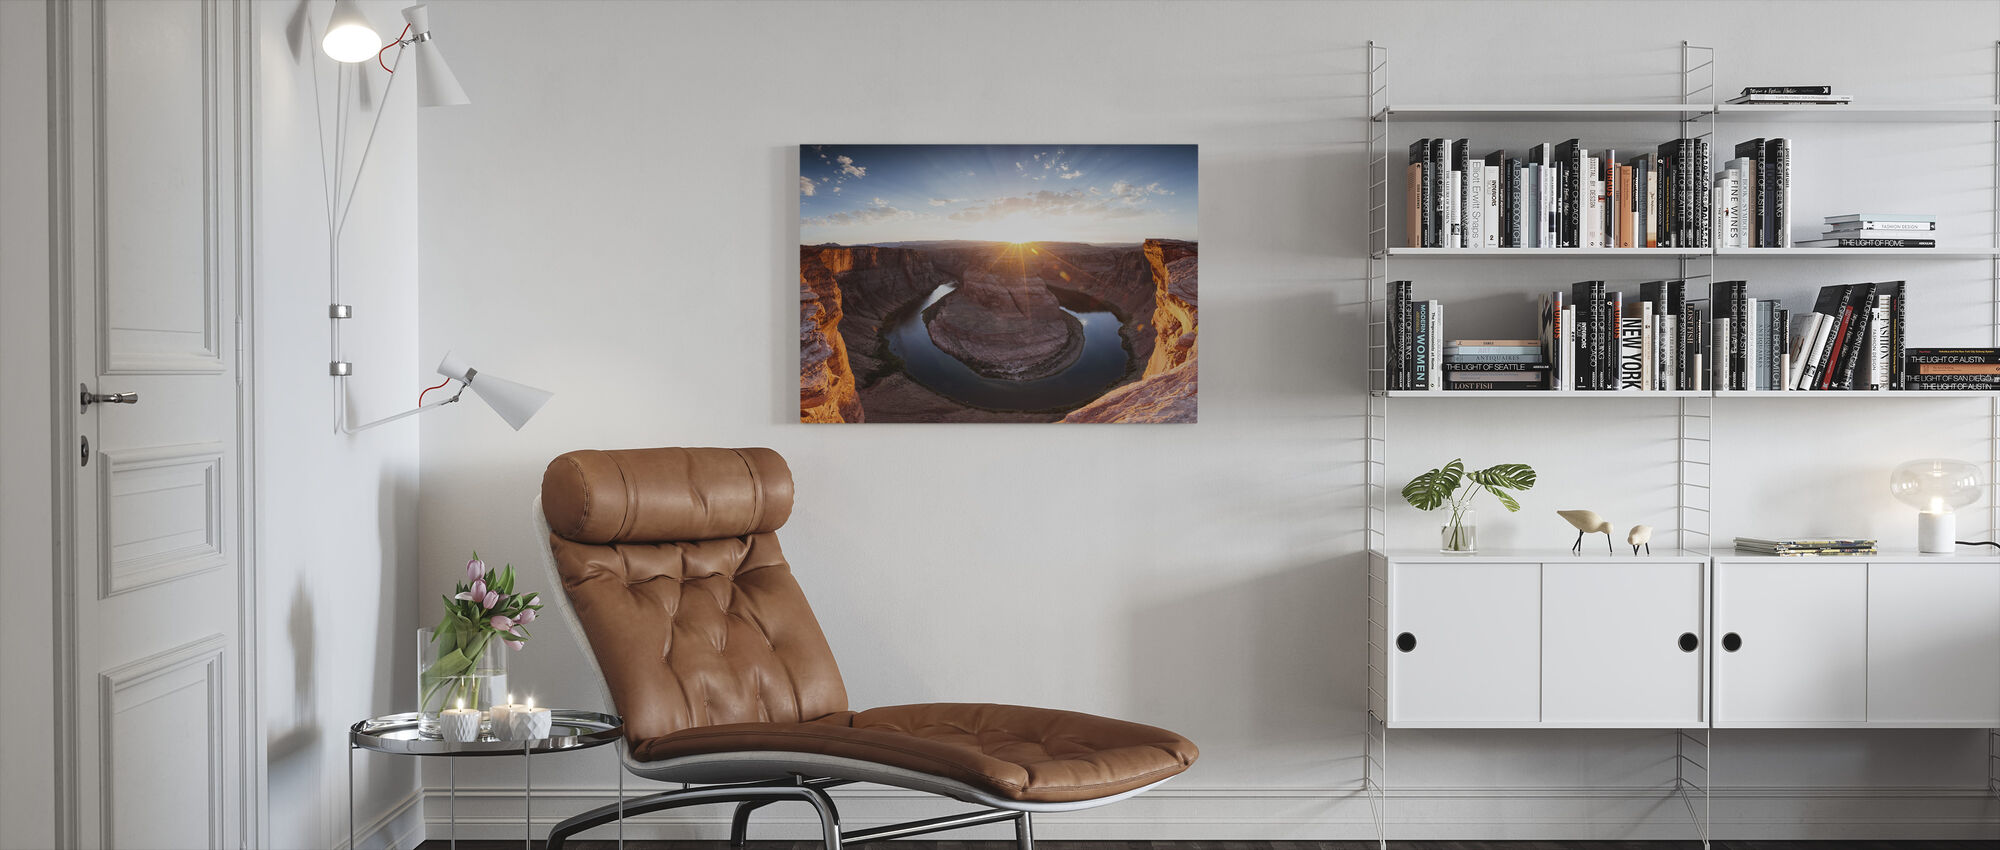 Hoefijzer Bend - Canvas print - Woonkamer